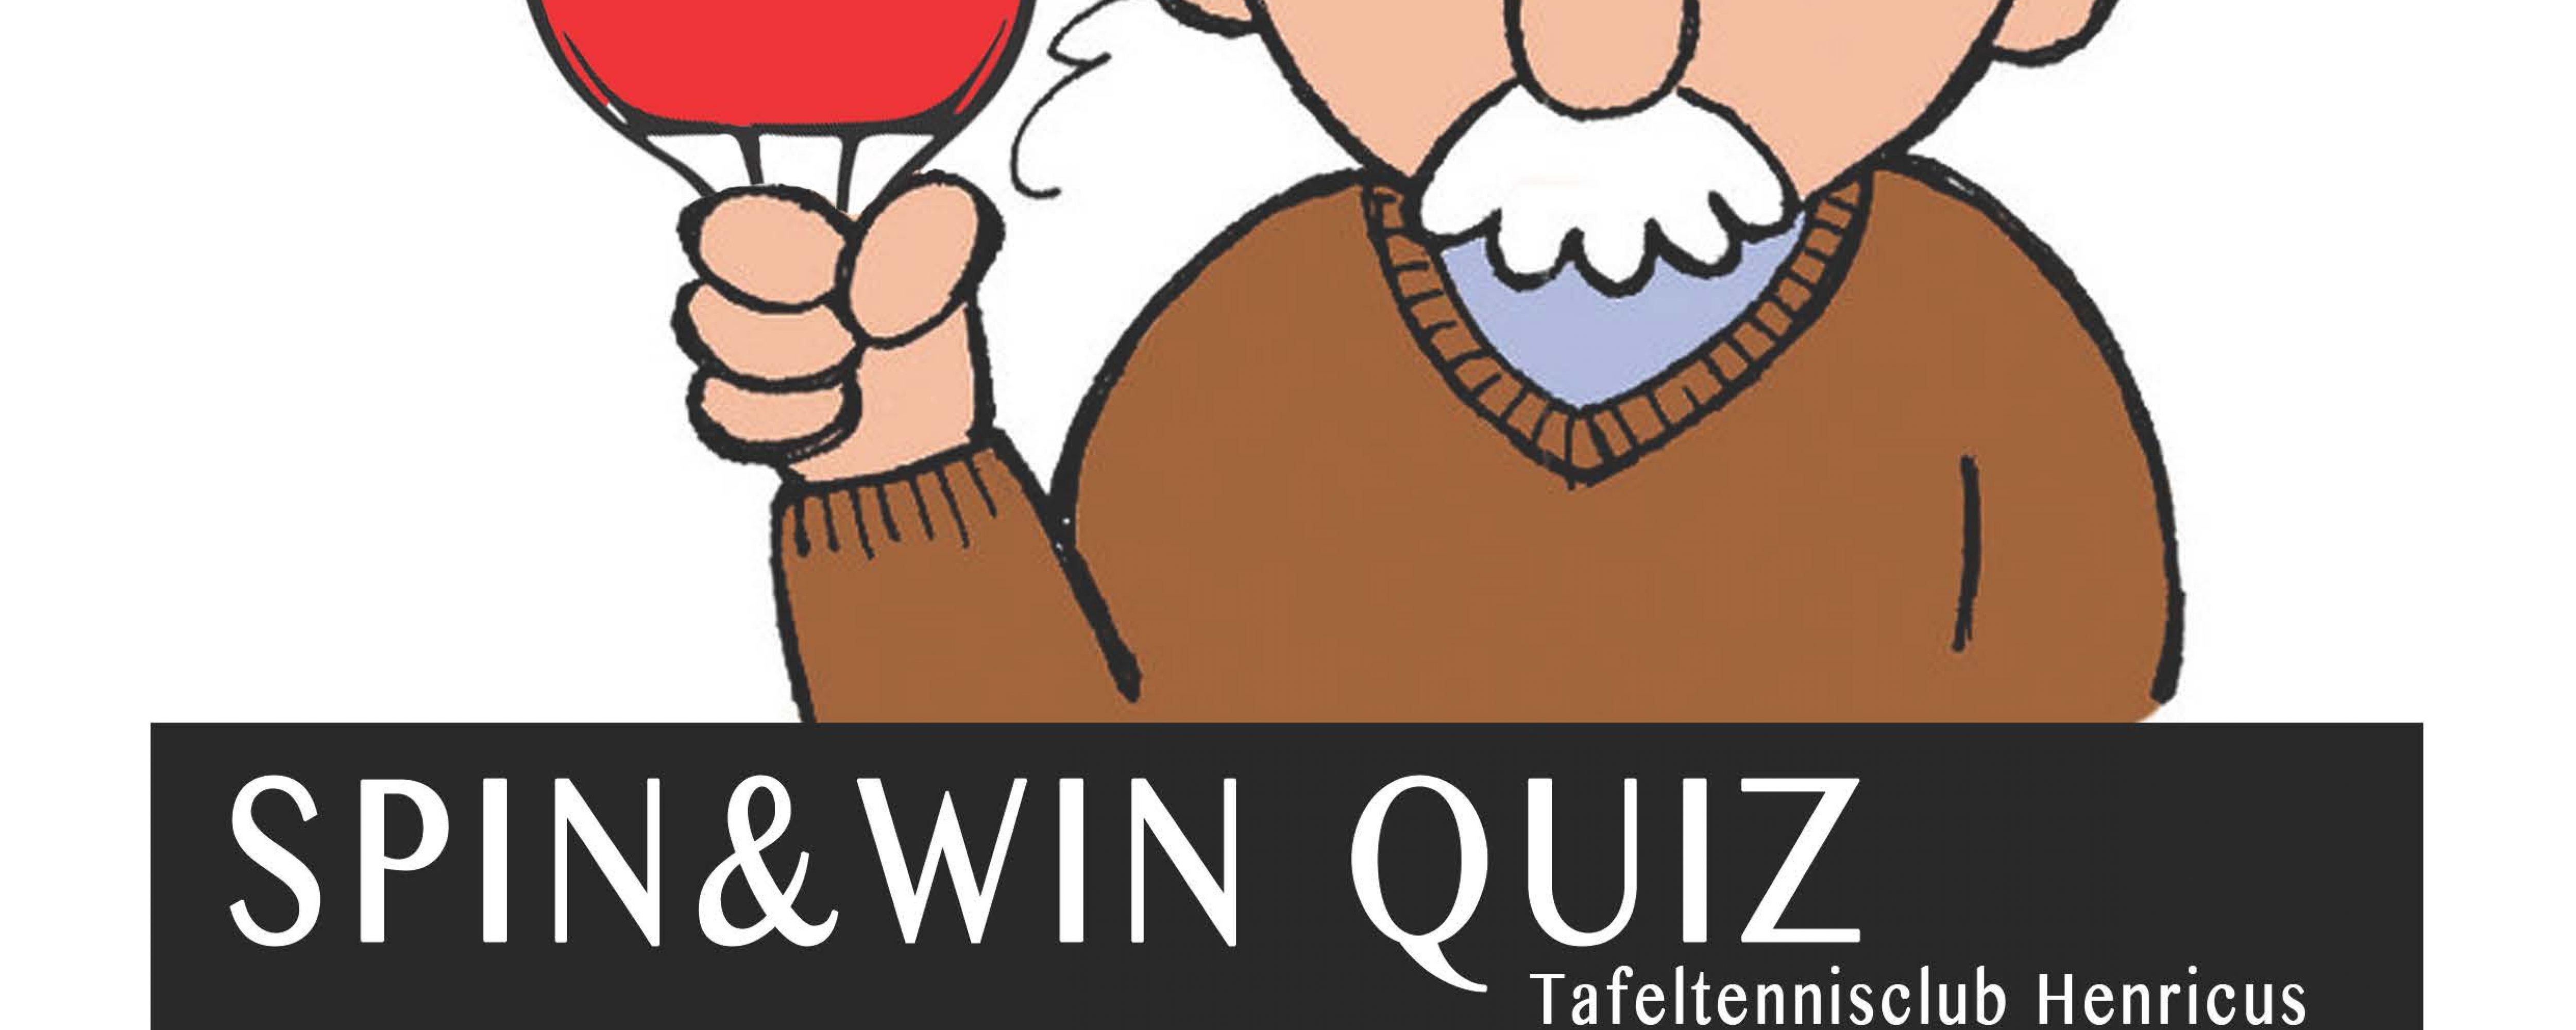 Spin & Win Quiz van TTC Henricus op zaterdag 26 Oktober 2013. Schrijf je nu in!